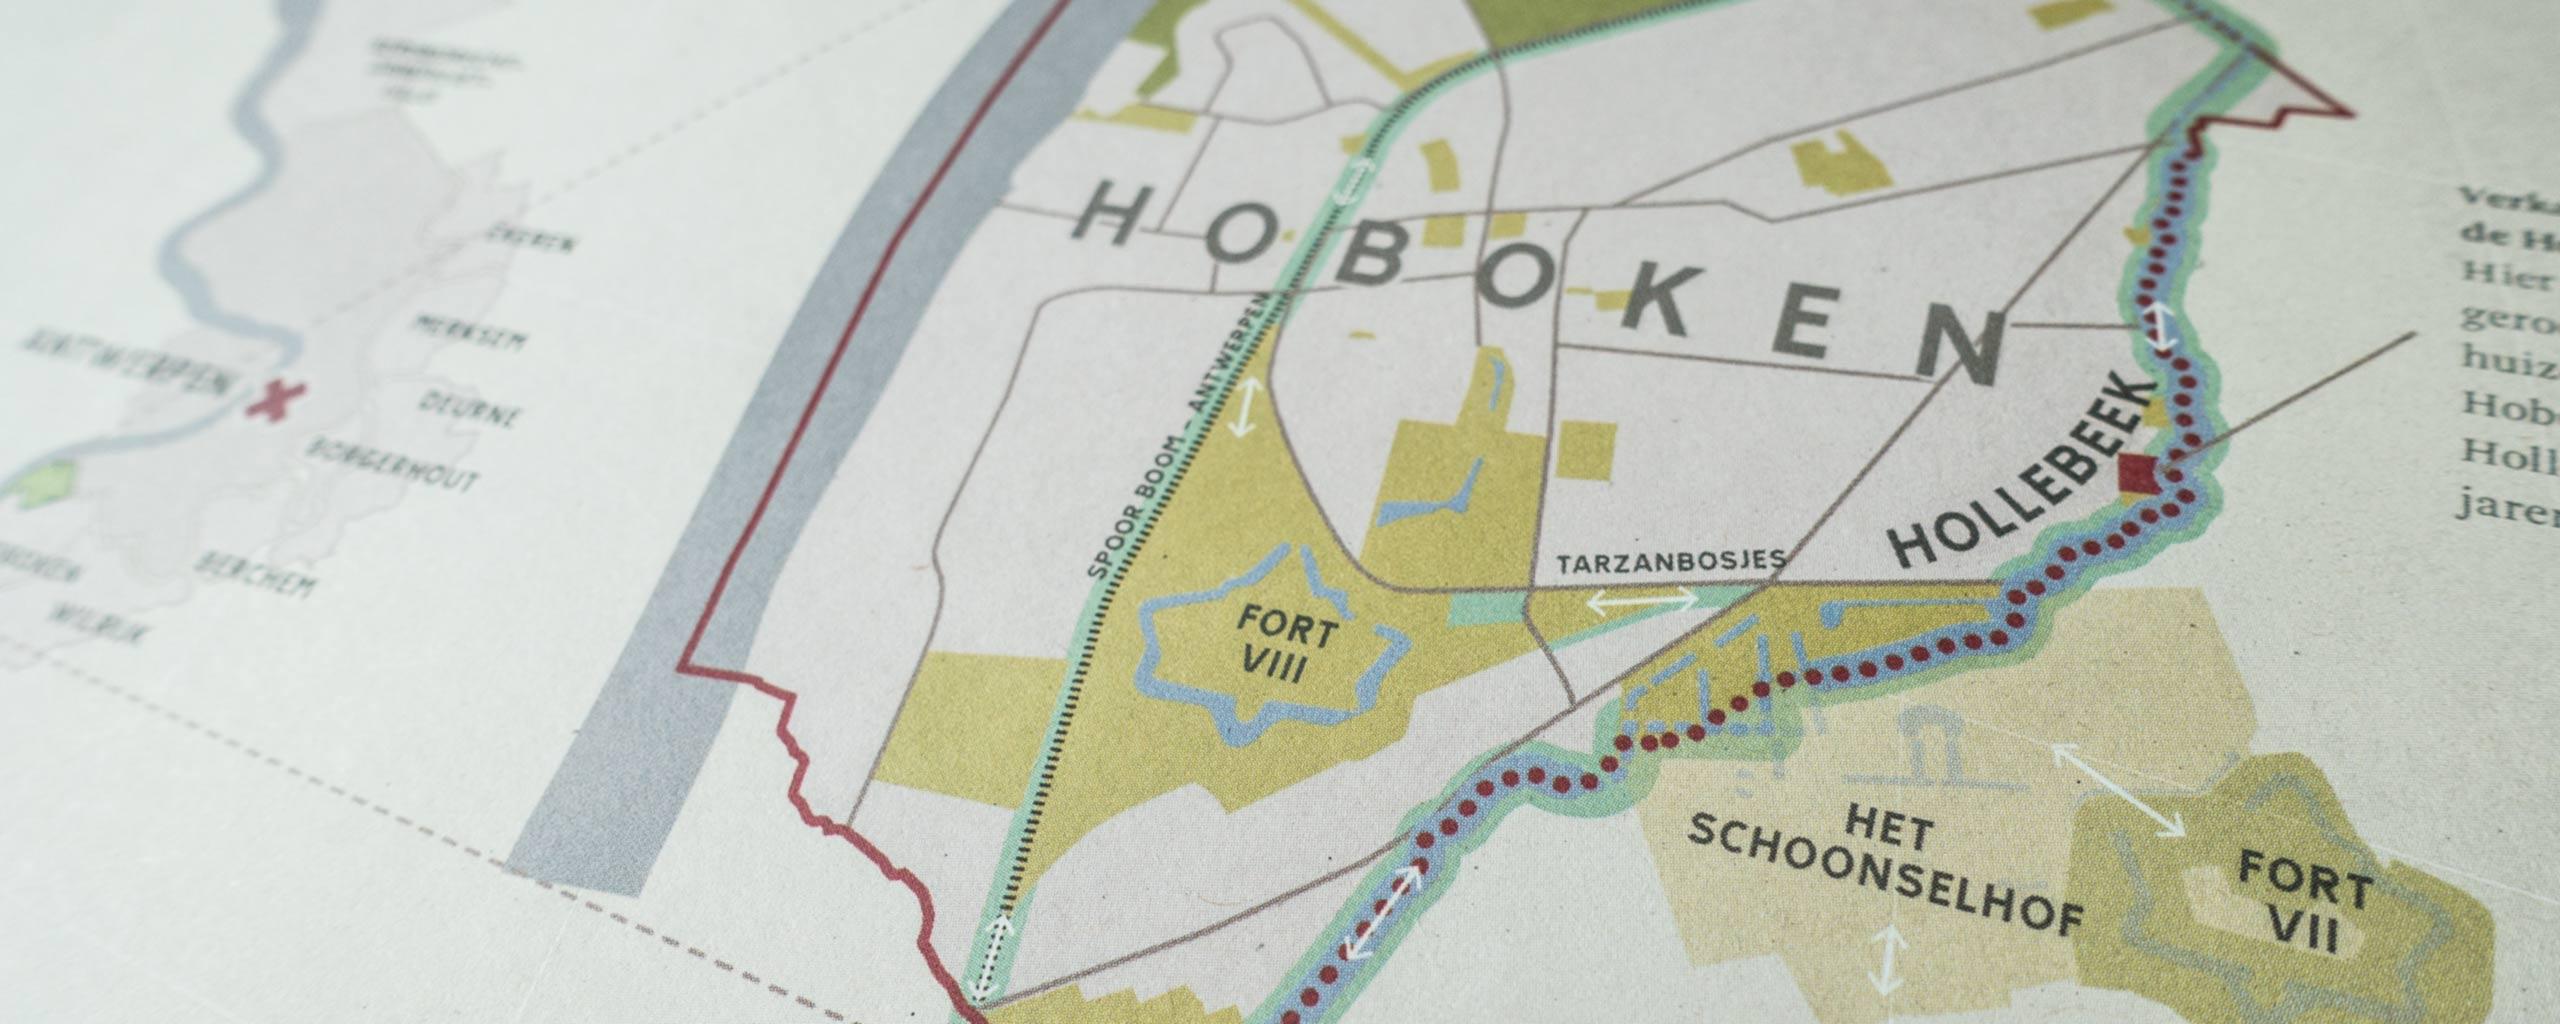 Inset map of Hoboken, Antwerpen